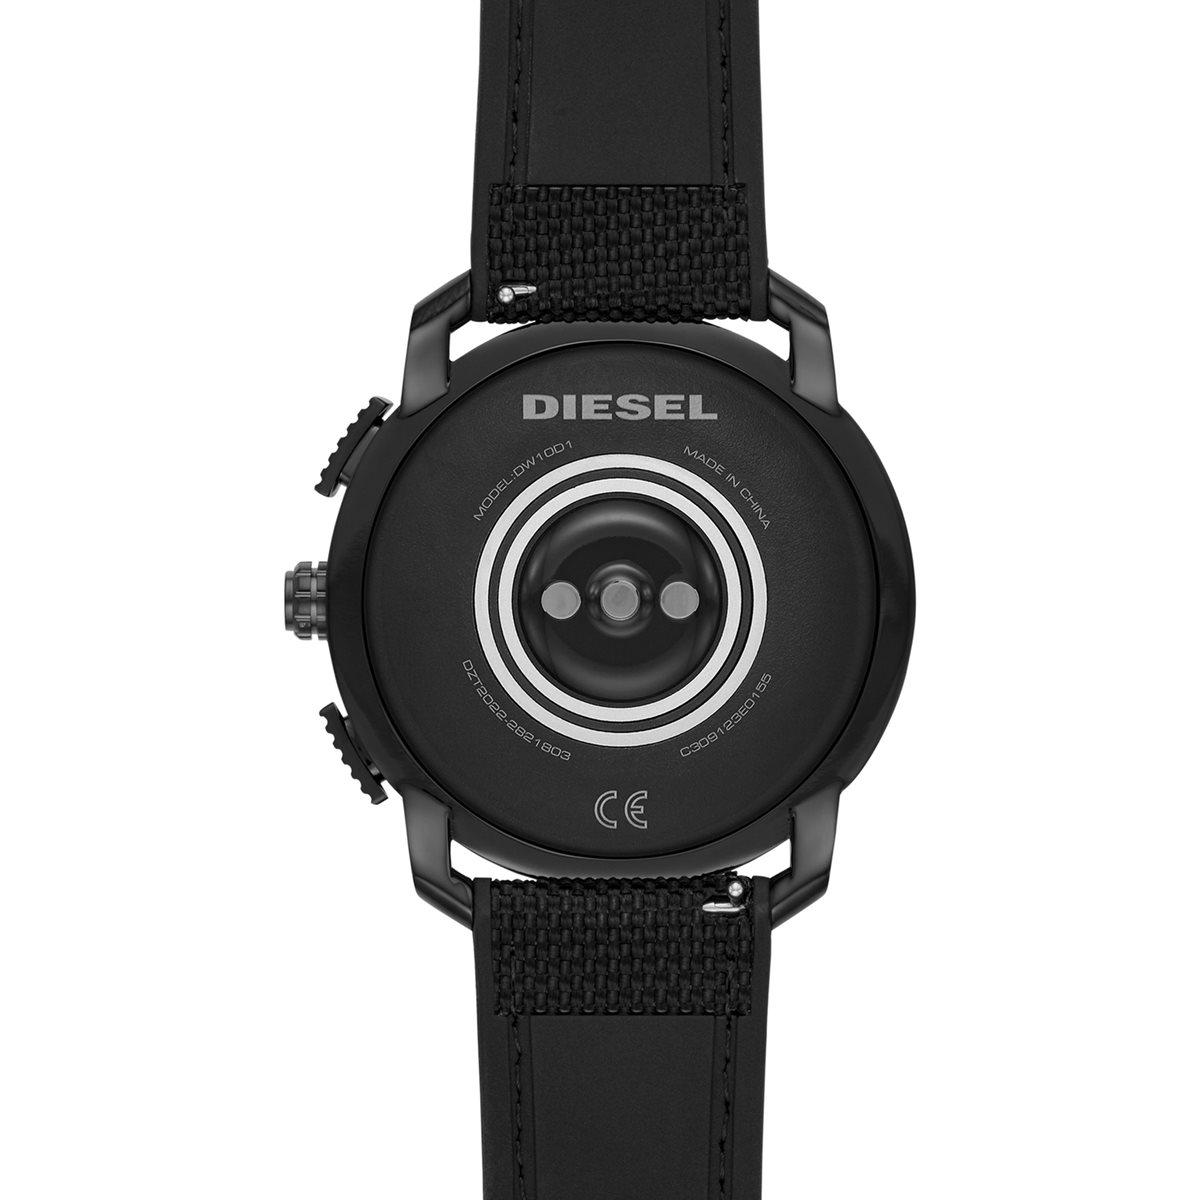 ディーゼル DIESEL ON スマートウォッチ ウェアラブル 腕時計 メンズ アキシャル AXIAL DZT2022